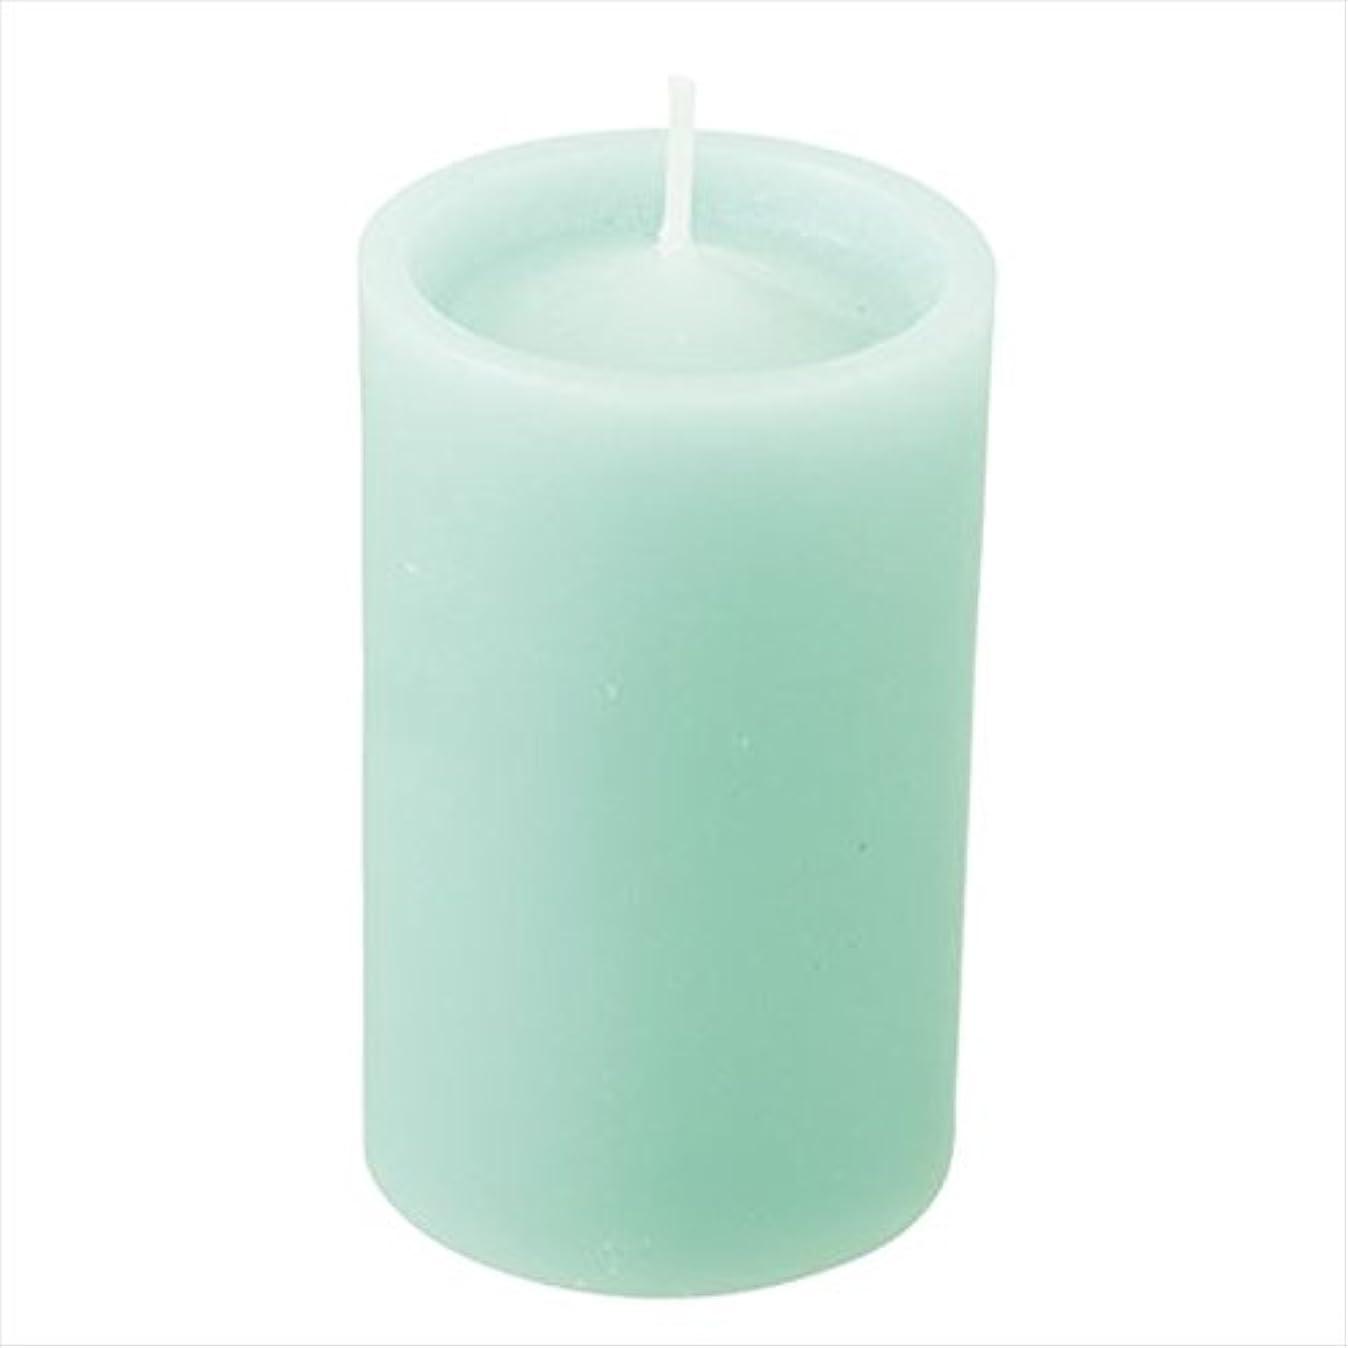 プログラム緩める名義でカメヤマキャンドル(kameyama candle) ロイヤルラウンド60 「 ライトグリーン 」